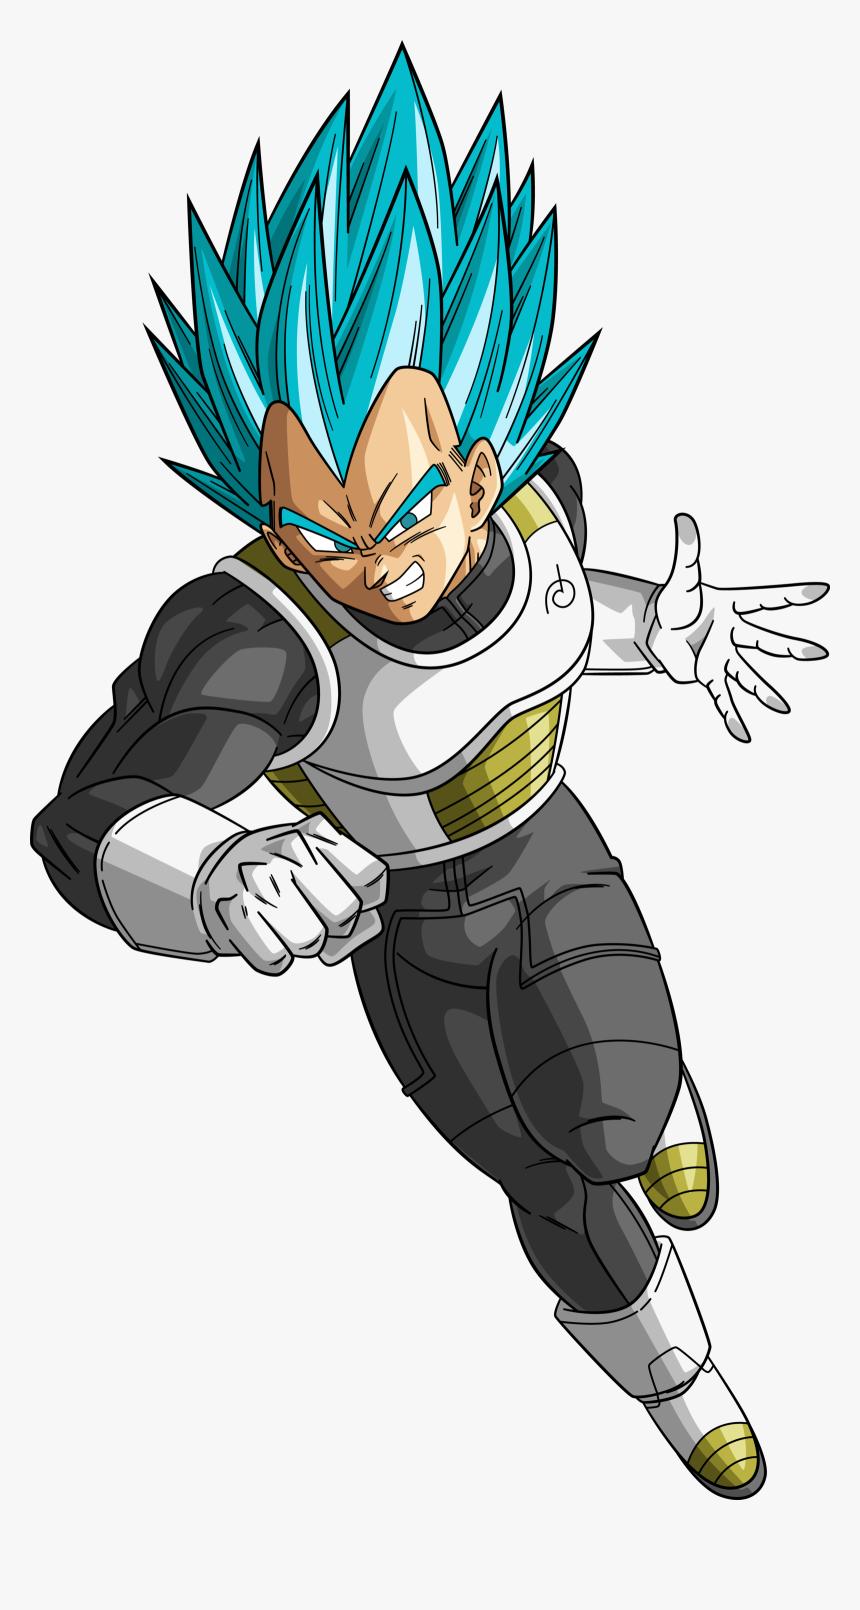 Super Saiyan Blue 2 Vegeta By Rayzorblade189-d9vycqz - Dragon Ball Super Vegeta Super Saiyan Blue, HD Png Download, Free Download